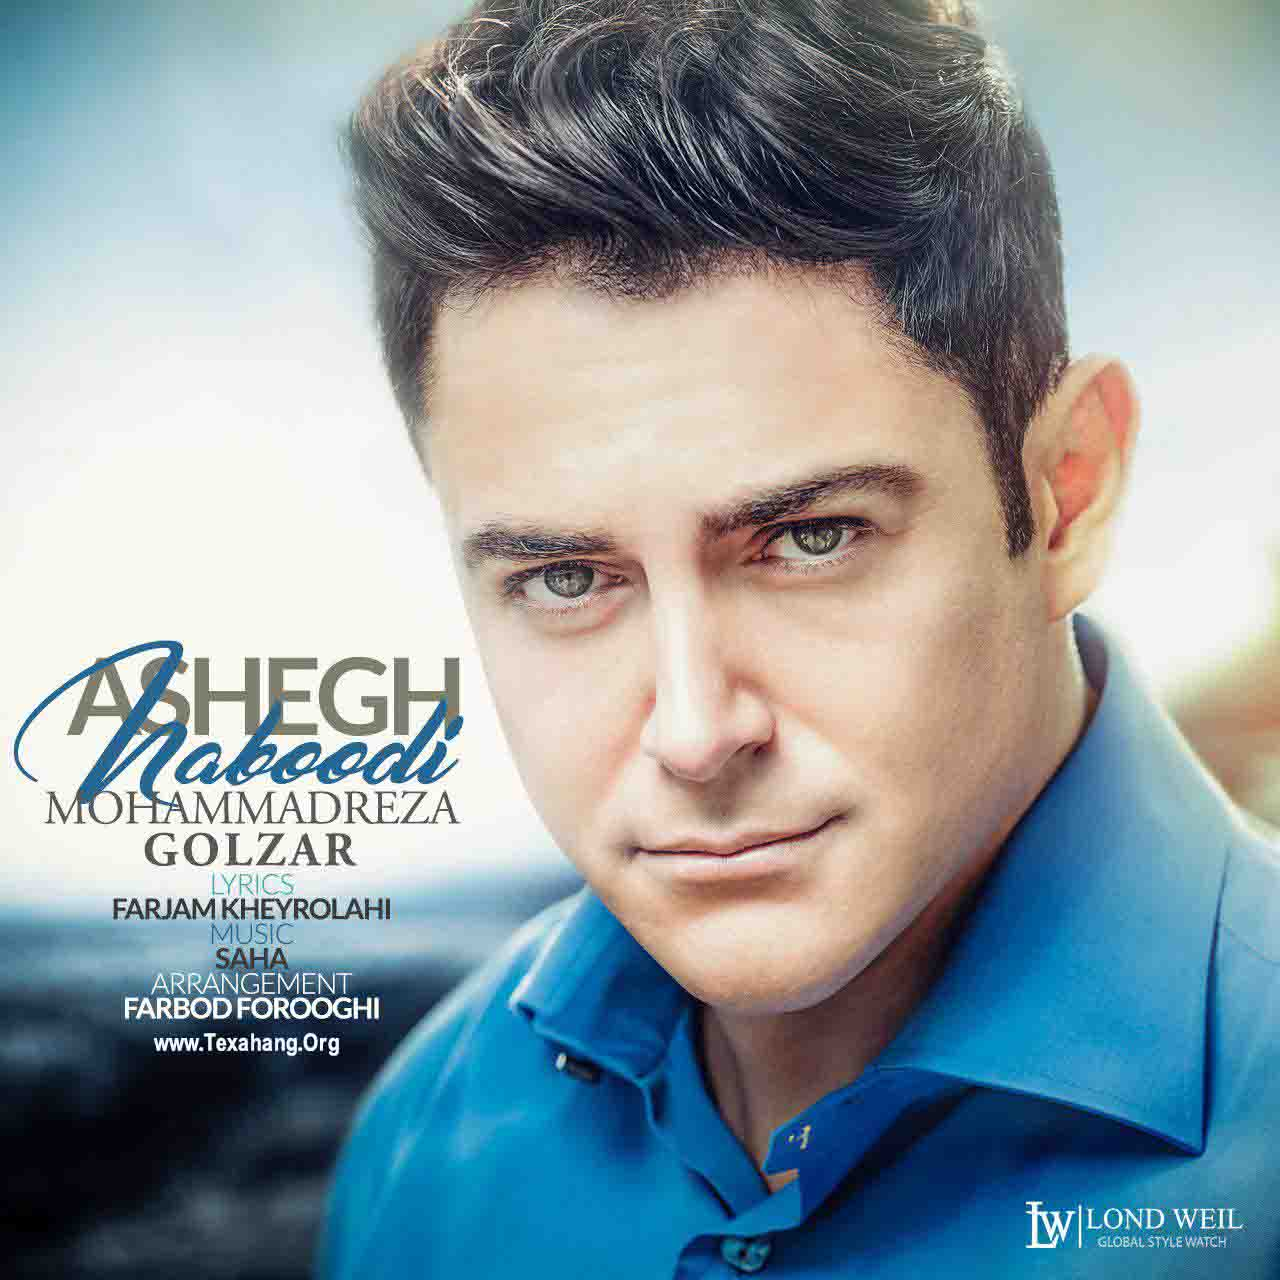 متن آهنگ جدید محمدرضا گلزار به نام عاشق نبودی